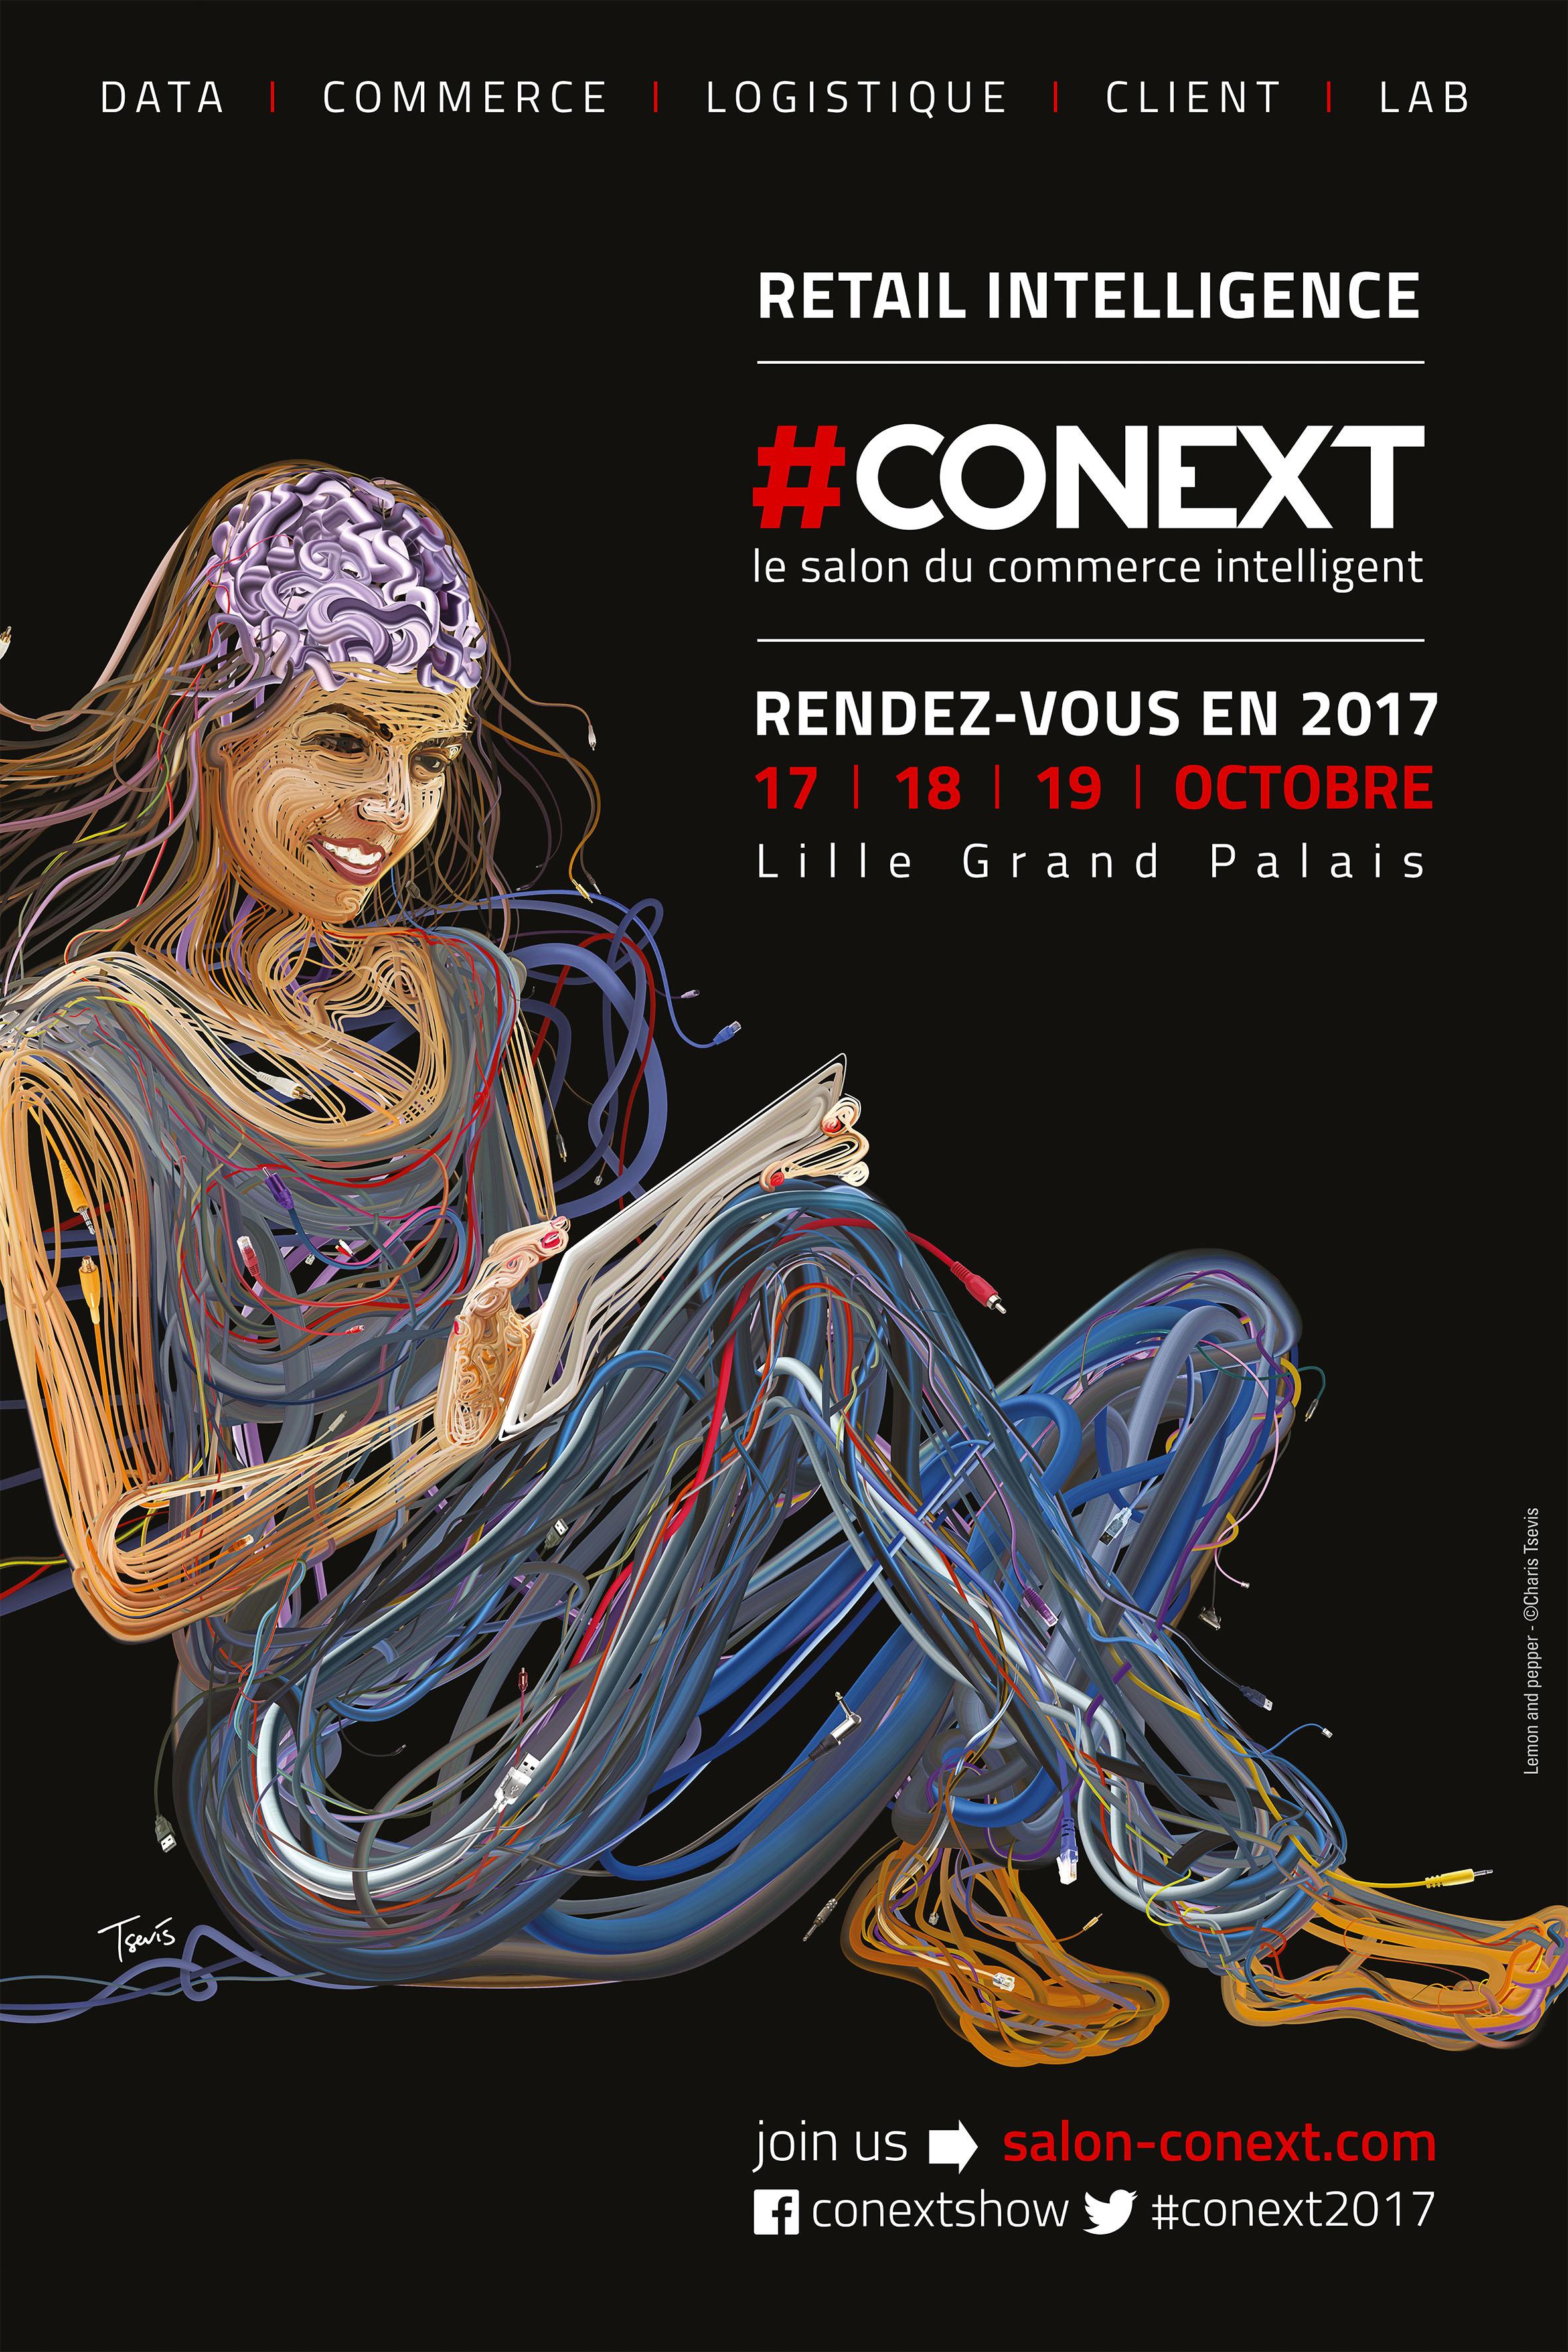 #Conext – Le salon du commerce intelligent.